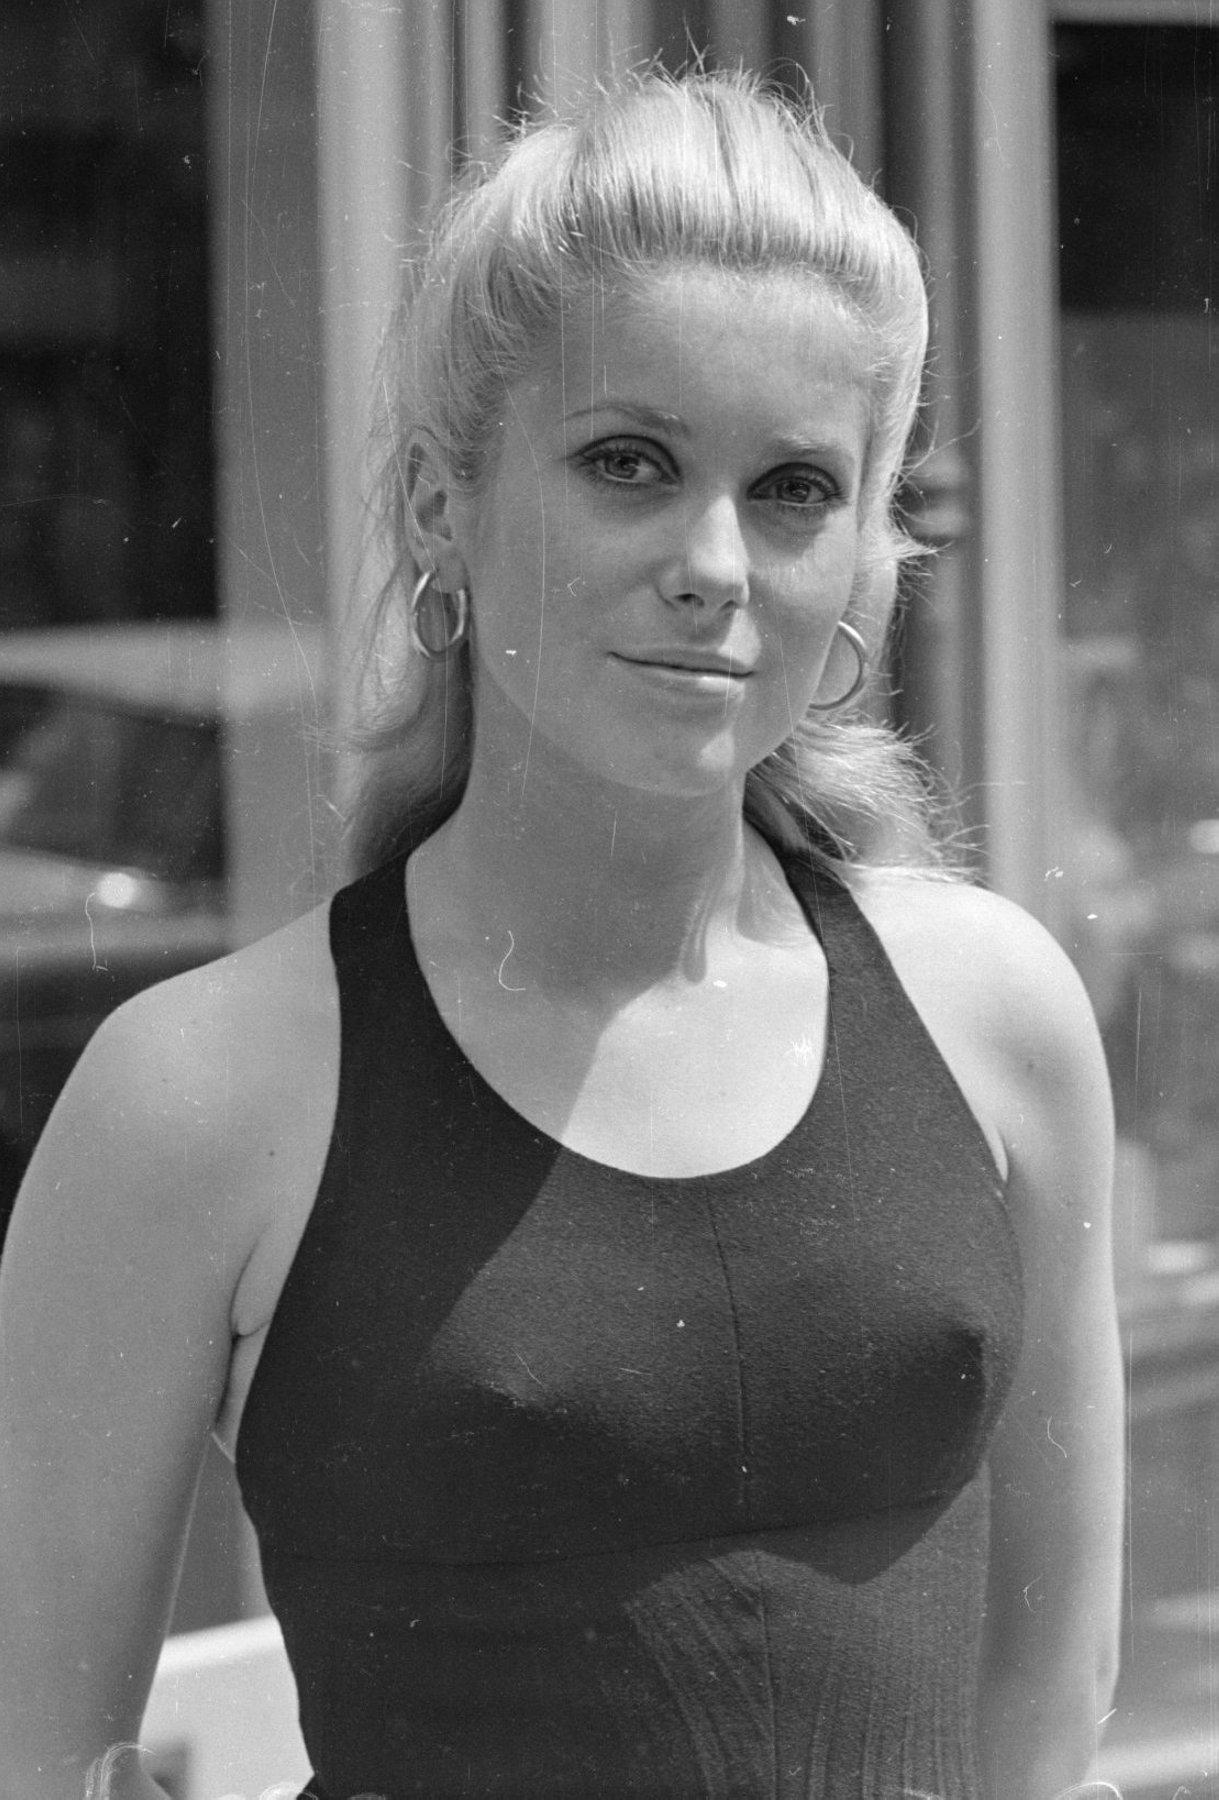 женщины в 50лет в нижнем белье фото хорошего разрешения